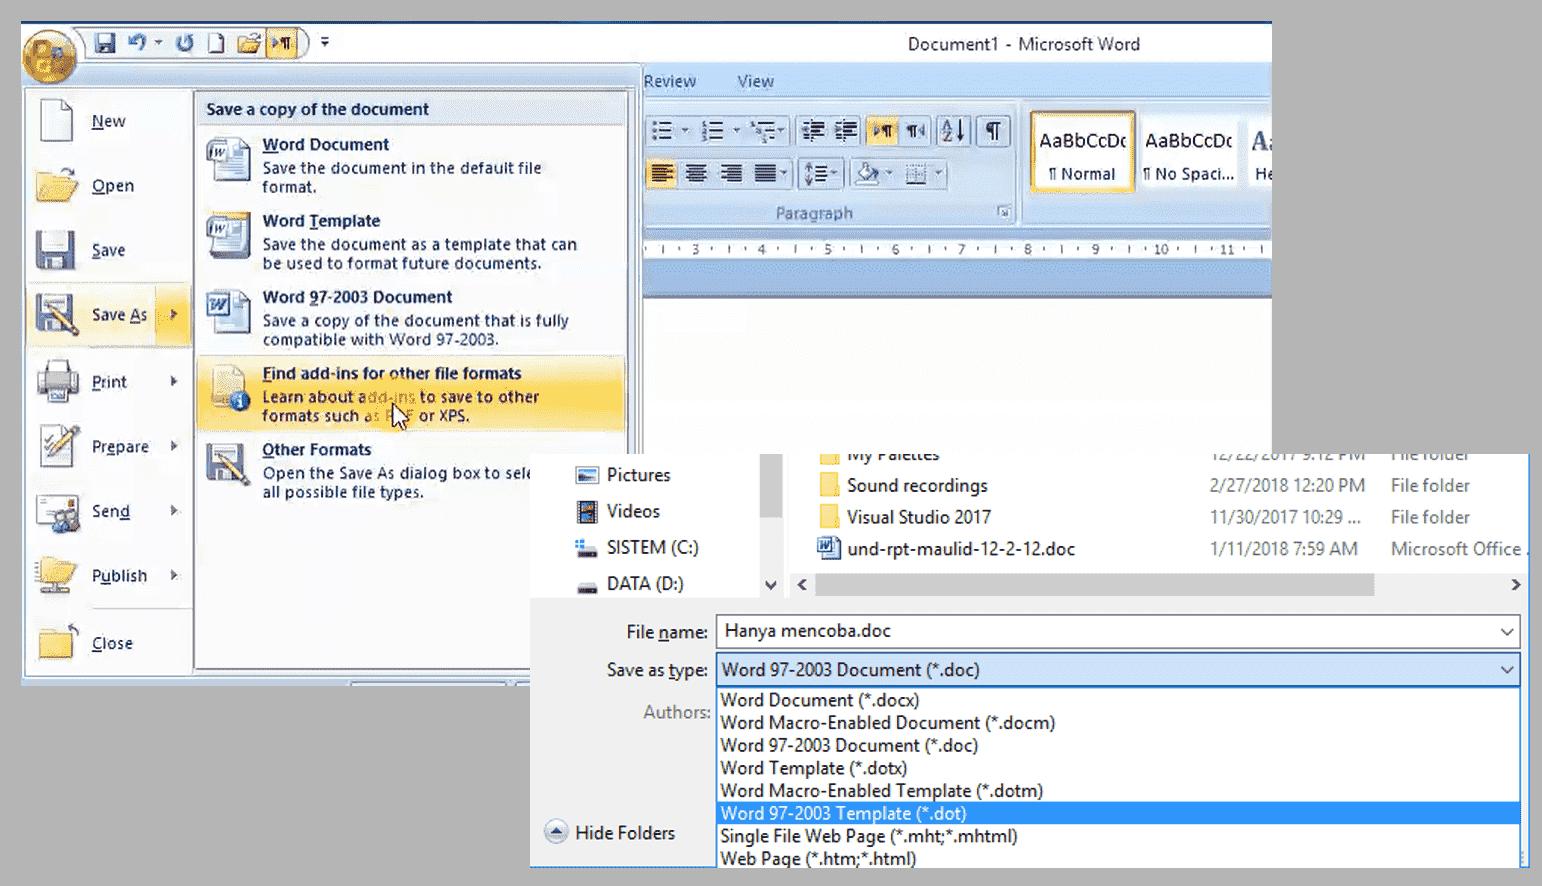 cara membuat file pdf pada word 2007